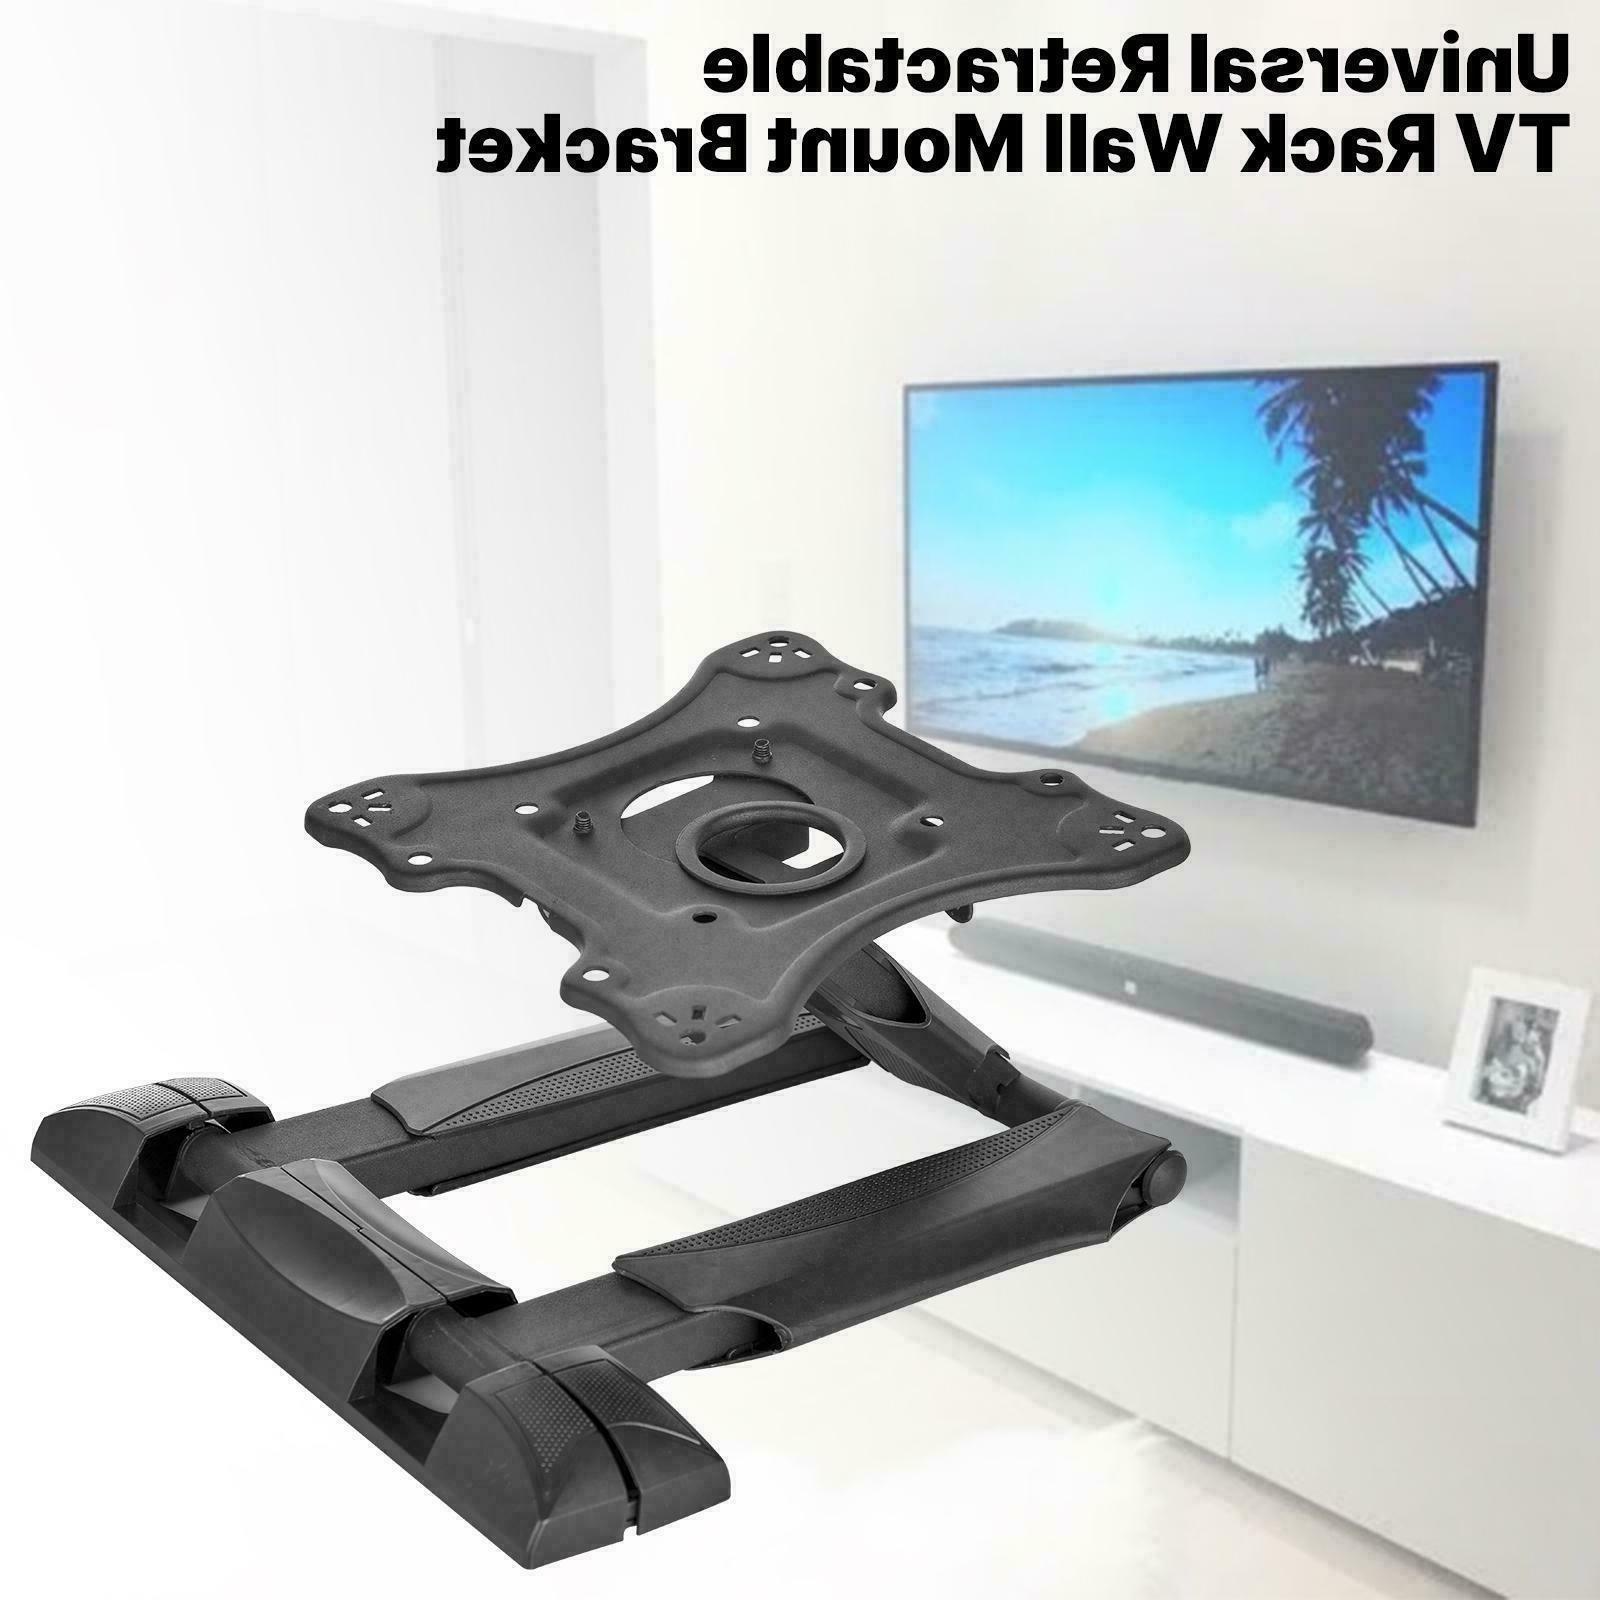 New TV Mount Rack Foldable Stand Tilt For 32-55''